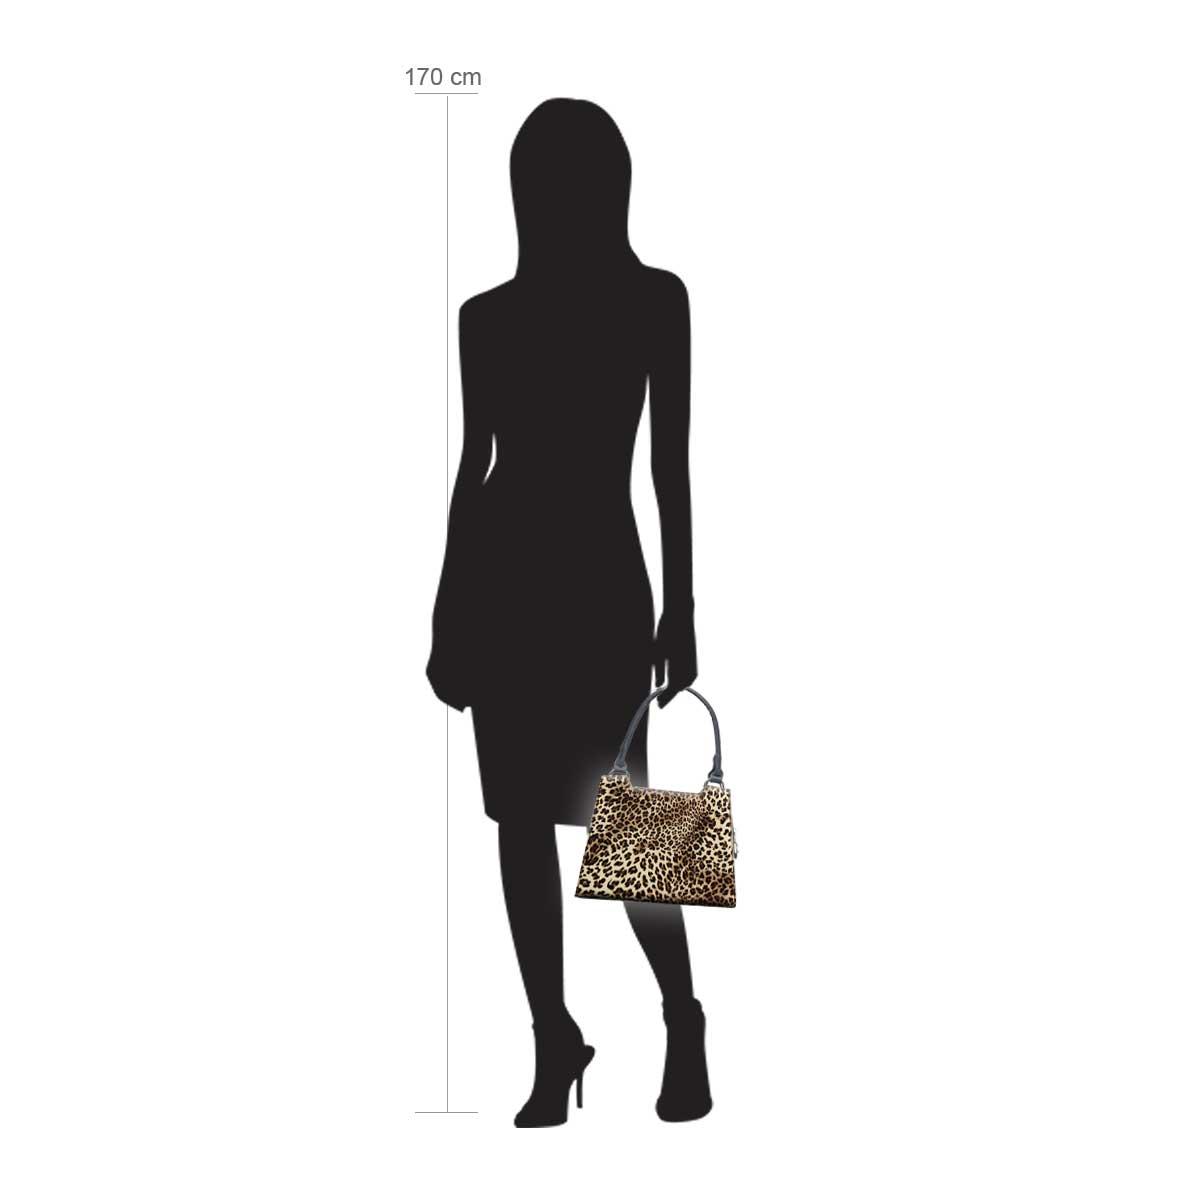 Modellpuppe 170 cm groß zeigt die Handtaschengröße an der Person Modell:Lombok